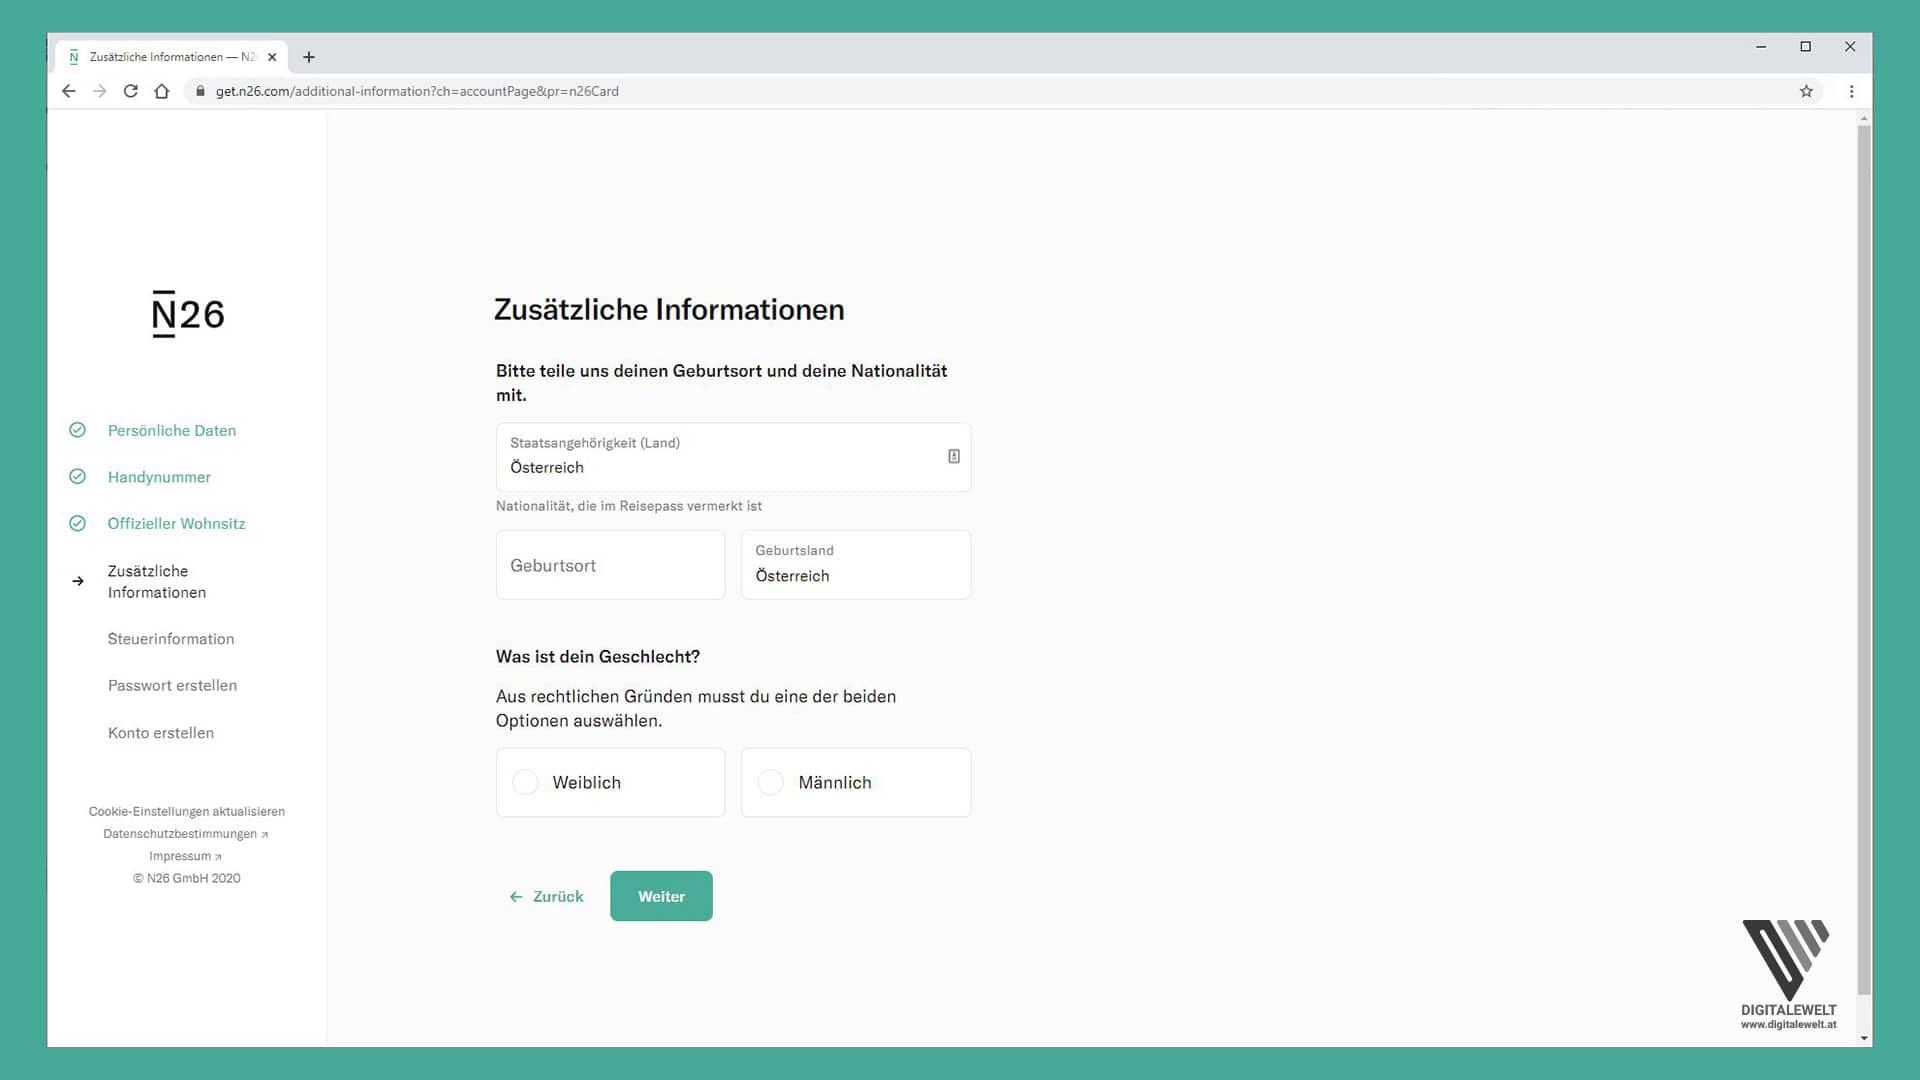 N26 Konto eröffnen - Zusätzliche Informationen - digitalewelt.at